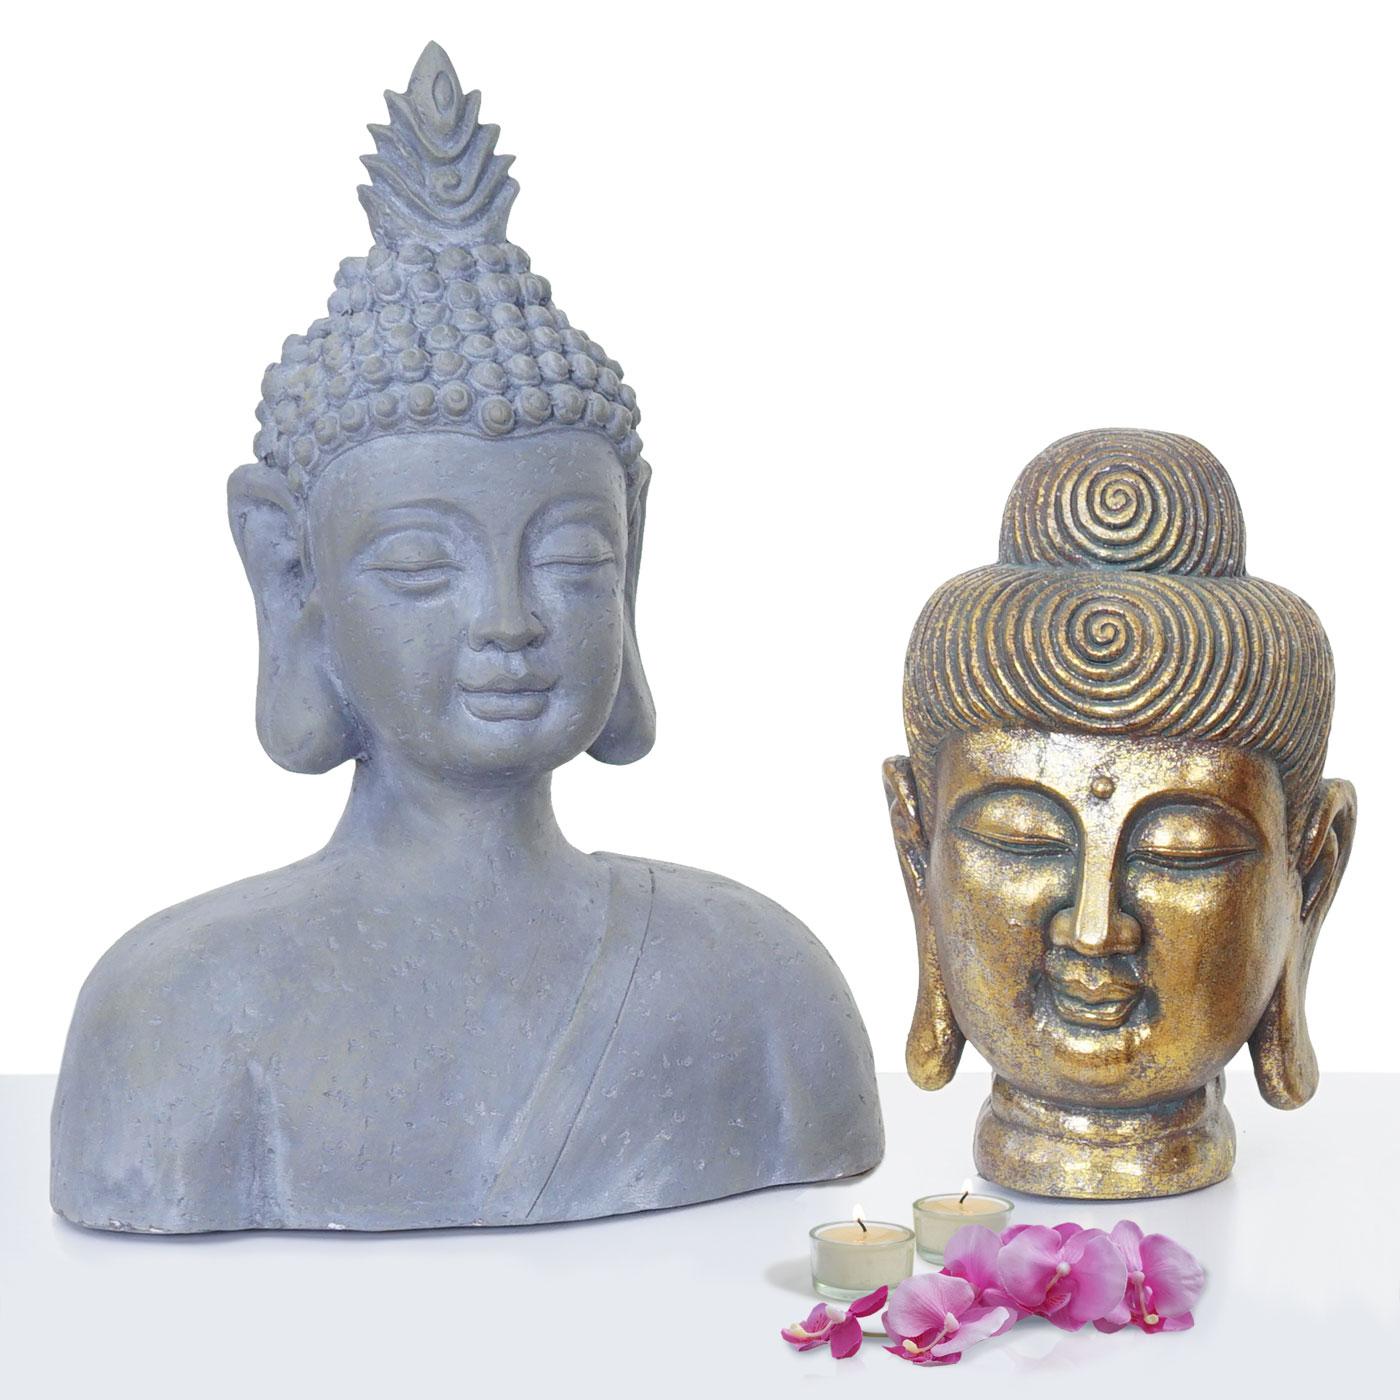 buddha figuren deko preisvergleiche erfahrungsberichte. Black Bedroom Furniture Sets. Home Design Ideas